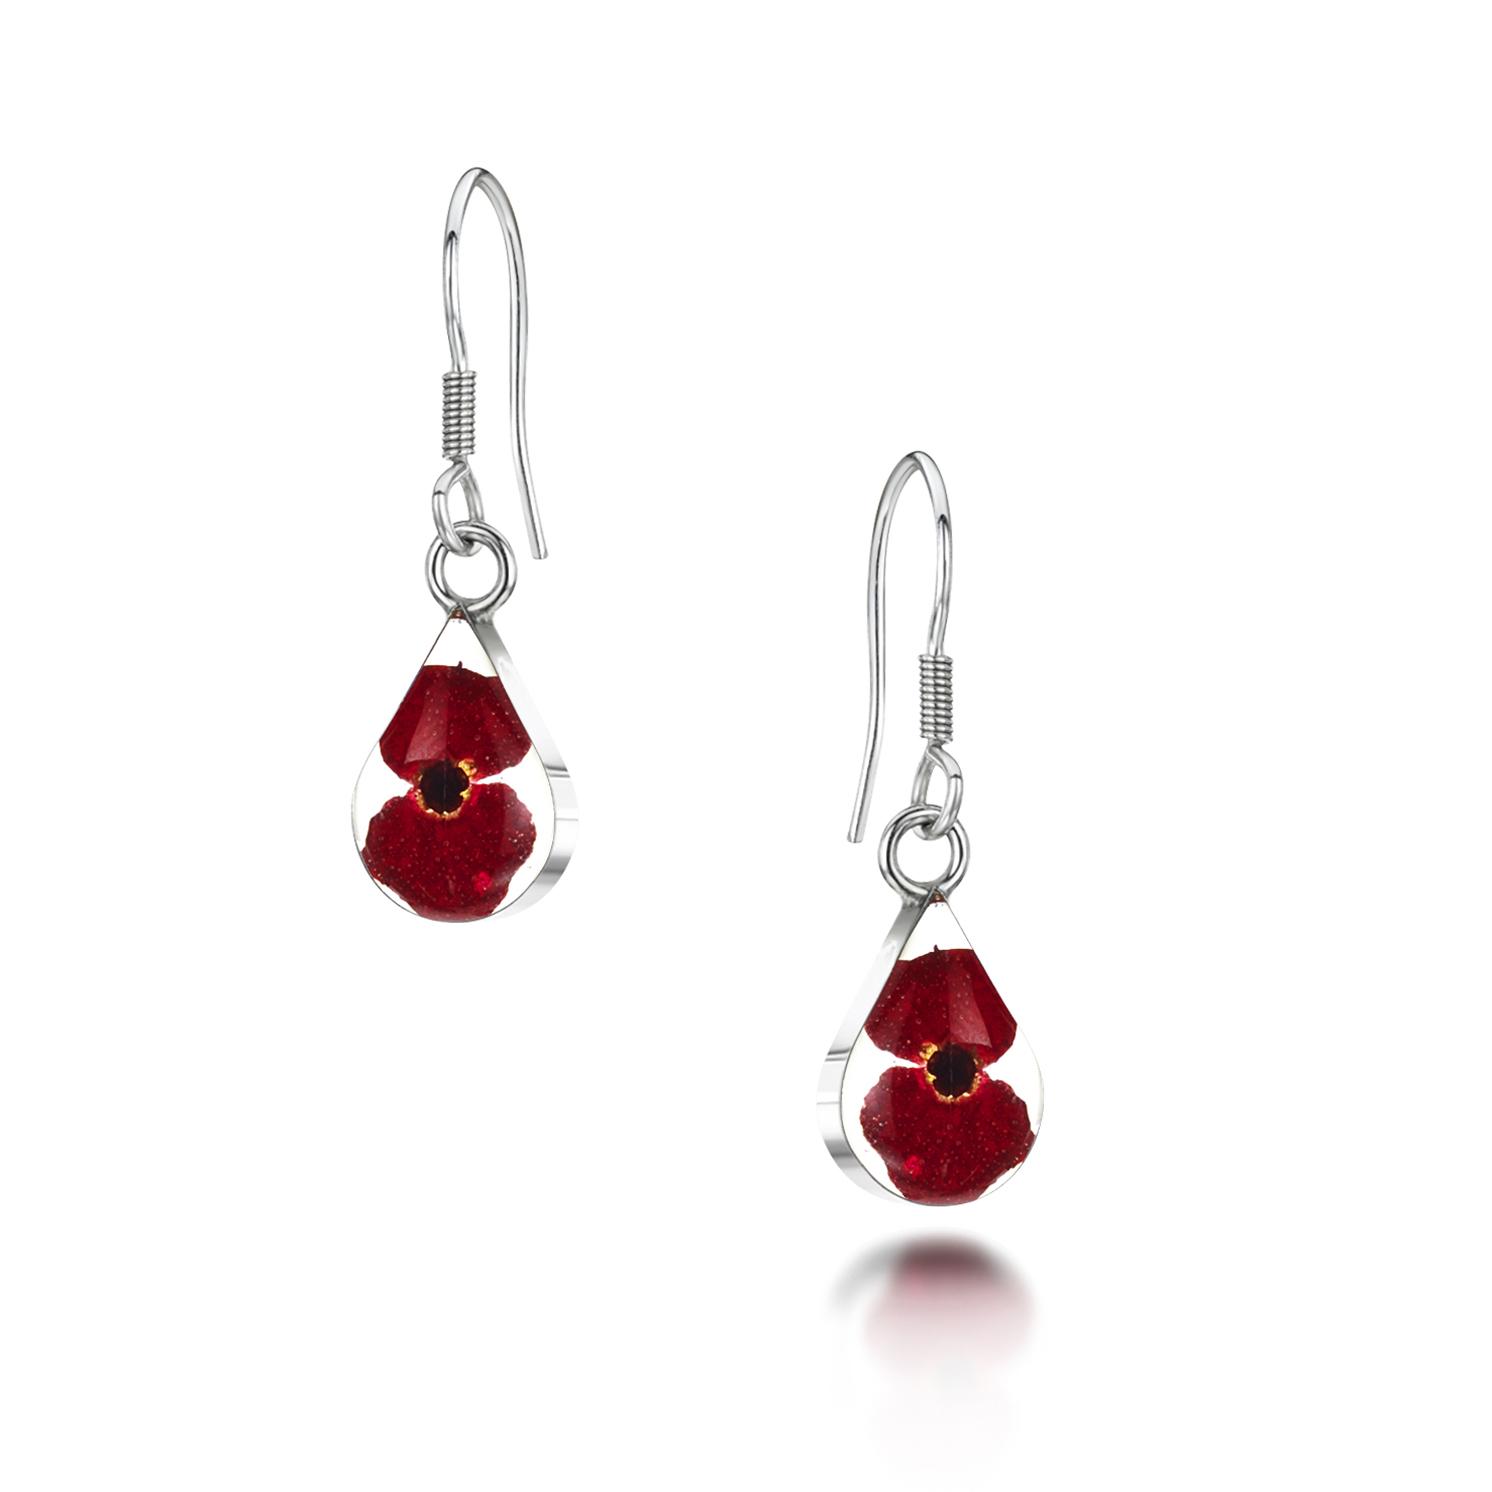 Shrieking Violet – Poppy Silver Extra Small Teardrop Drop Earrings in Gift Box